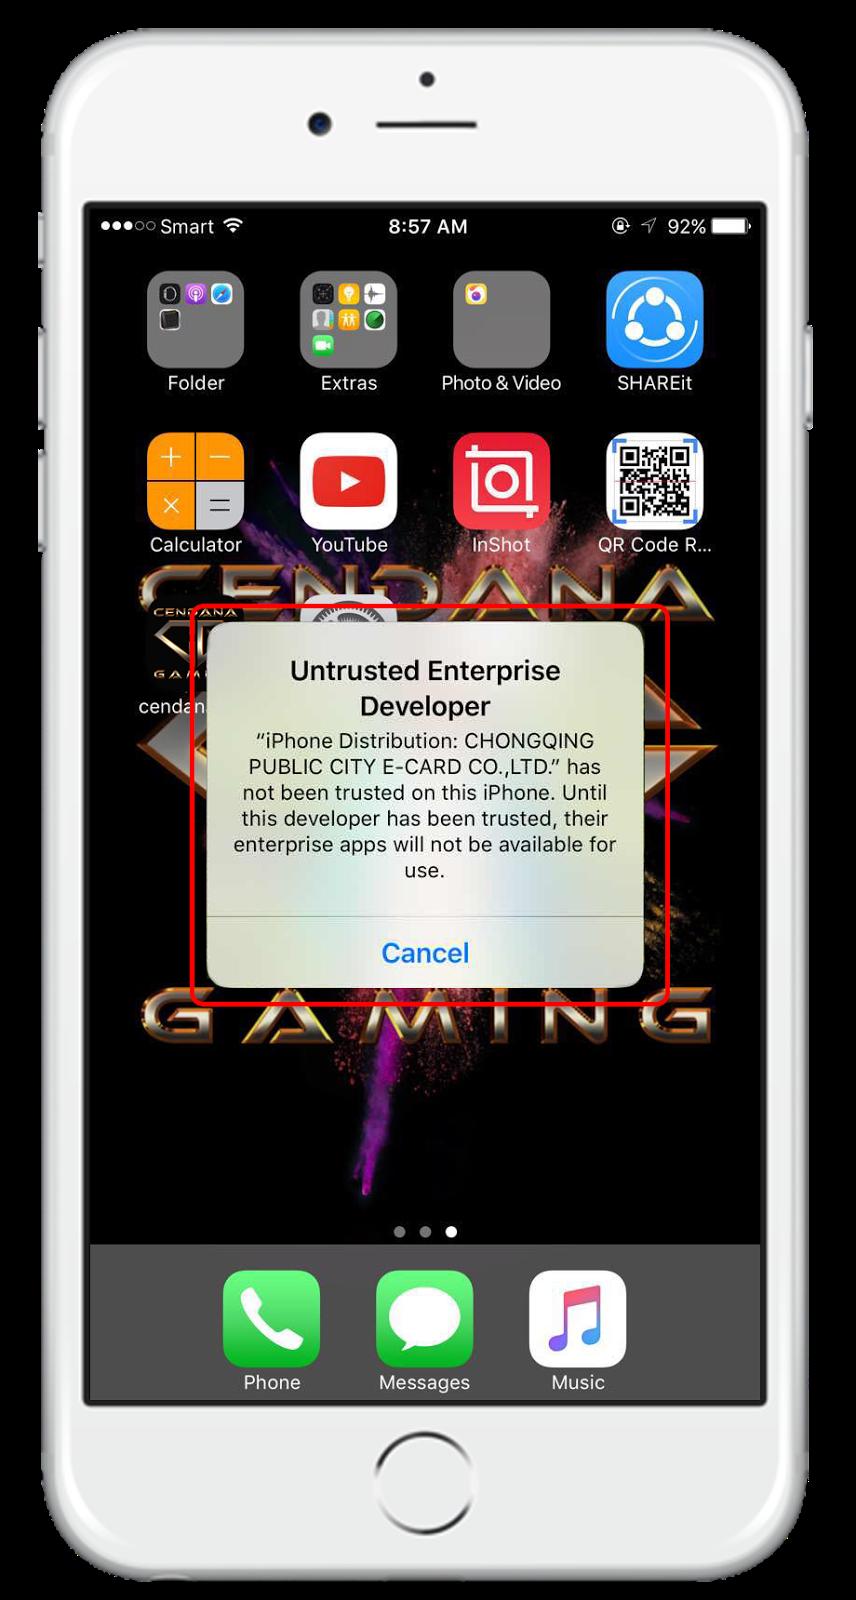 Cendana Gaming: PANDUAN CARA MENDOWNLOAD APLIKASI IOS GAME SBOBET DAN CASINO